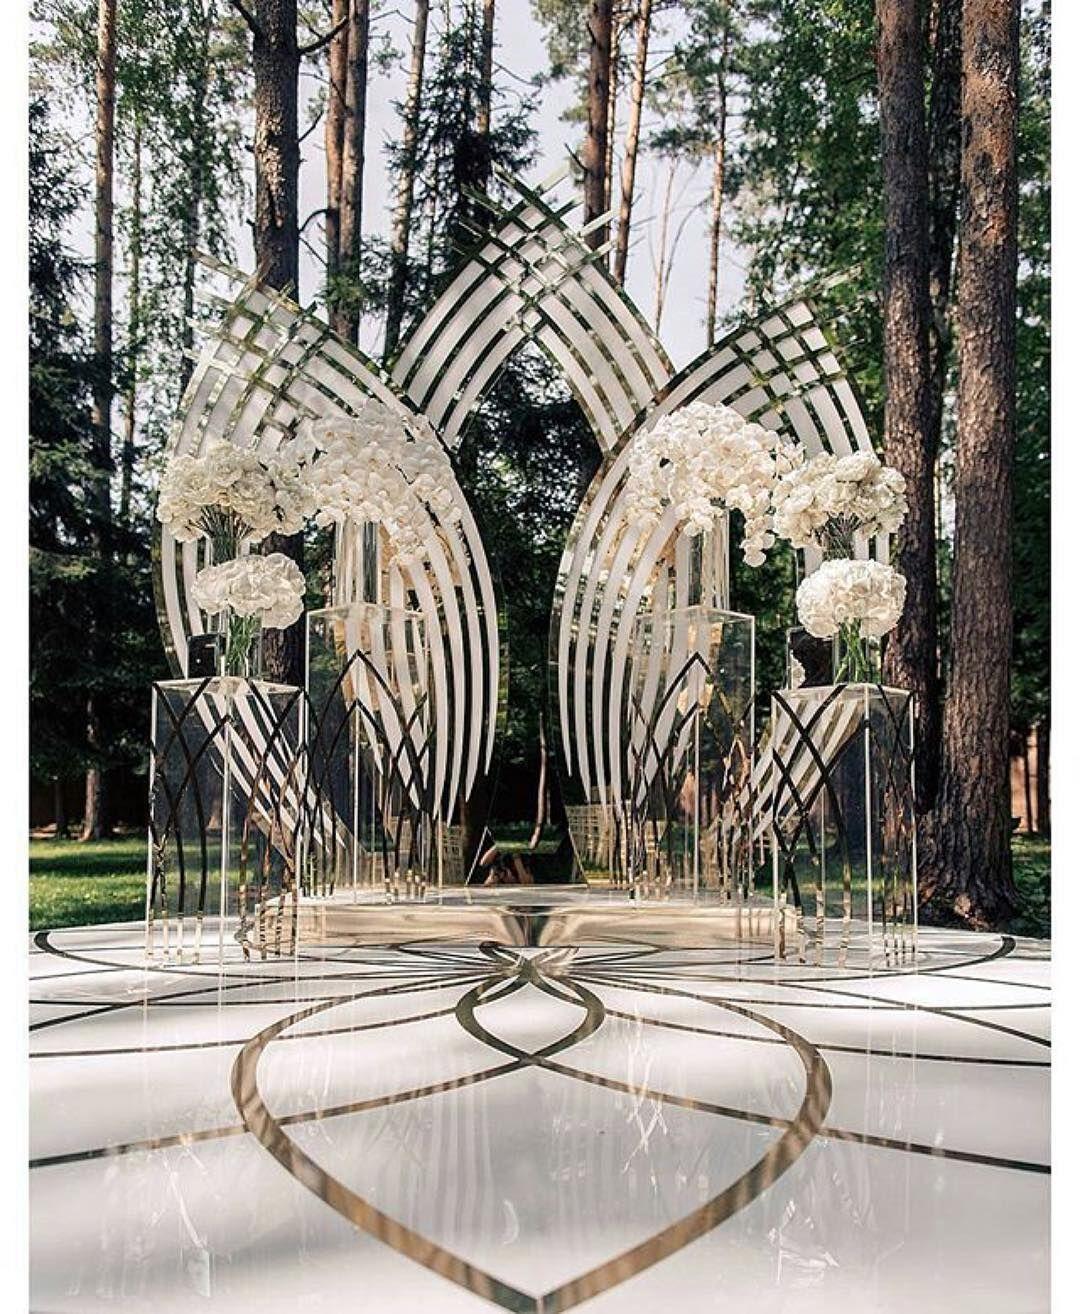 Outside Wedding Ceremony Edmonton: Backdrop Goals #munaluchibride #weddingceremony